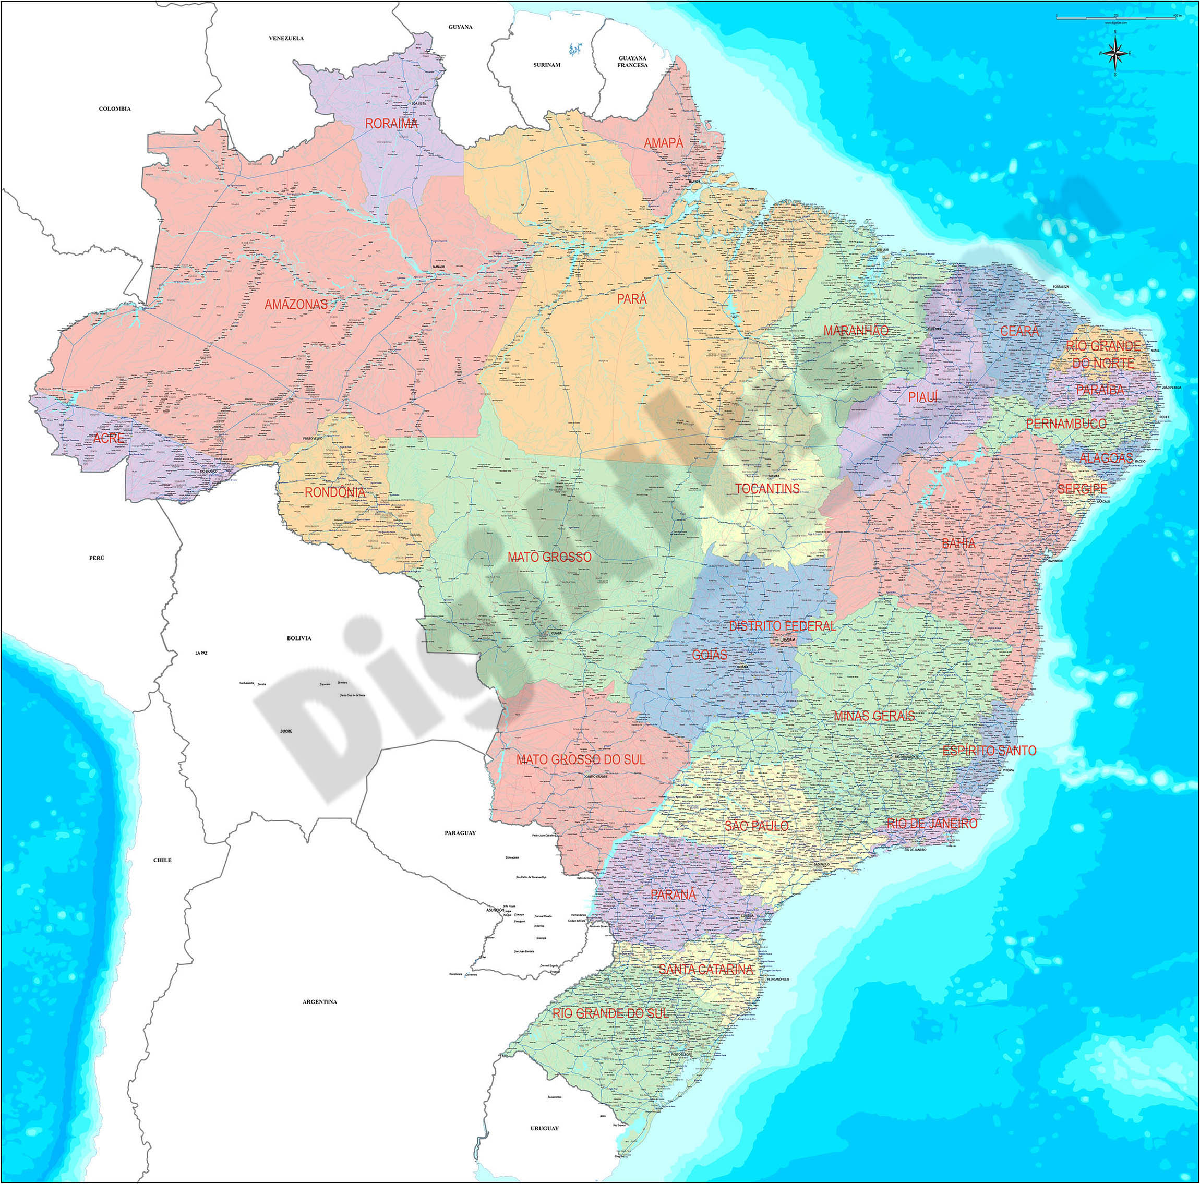 Mapa de Brasil detallado